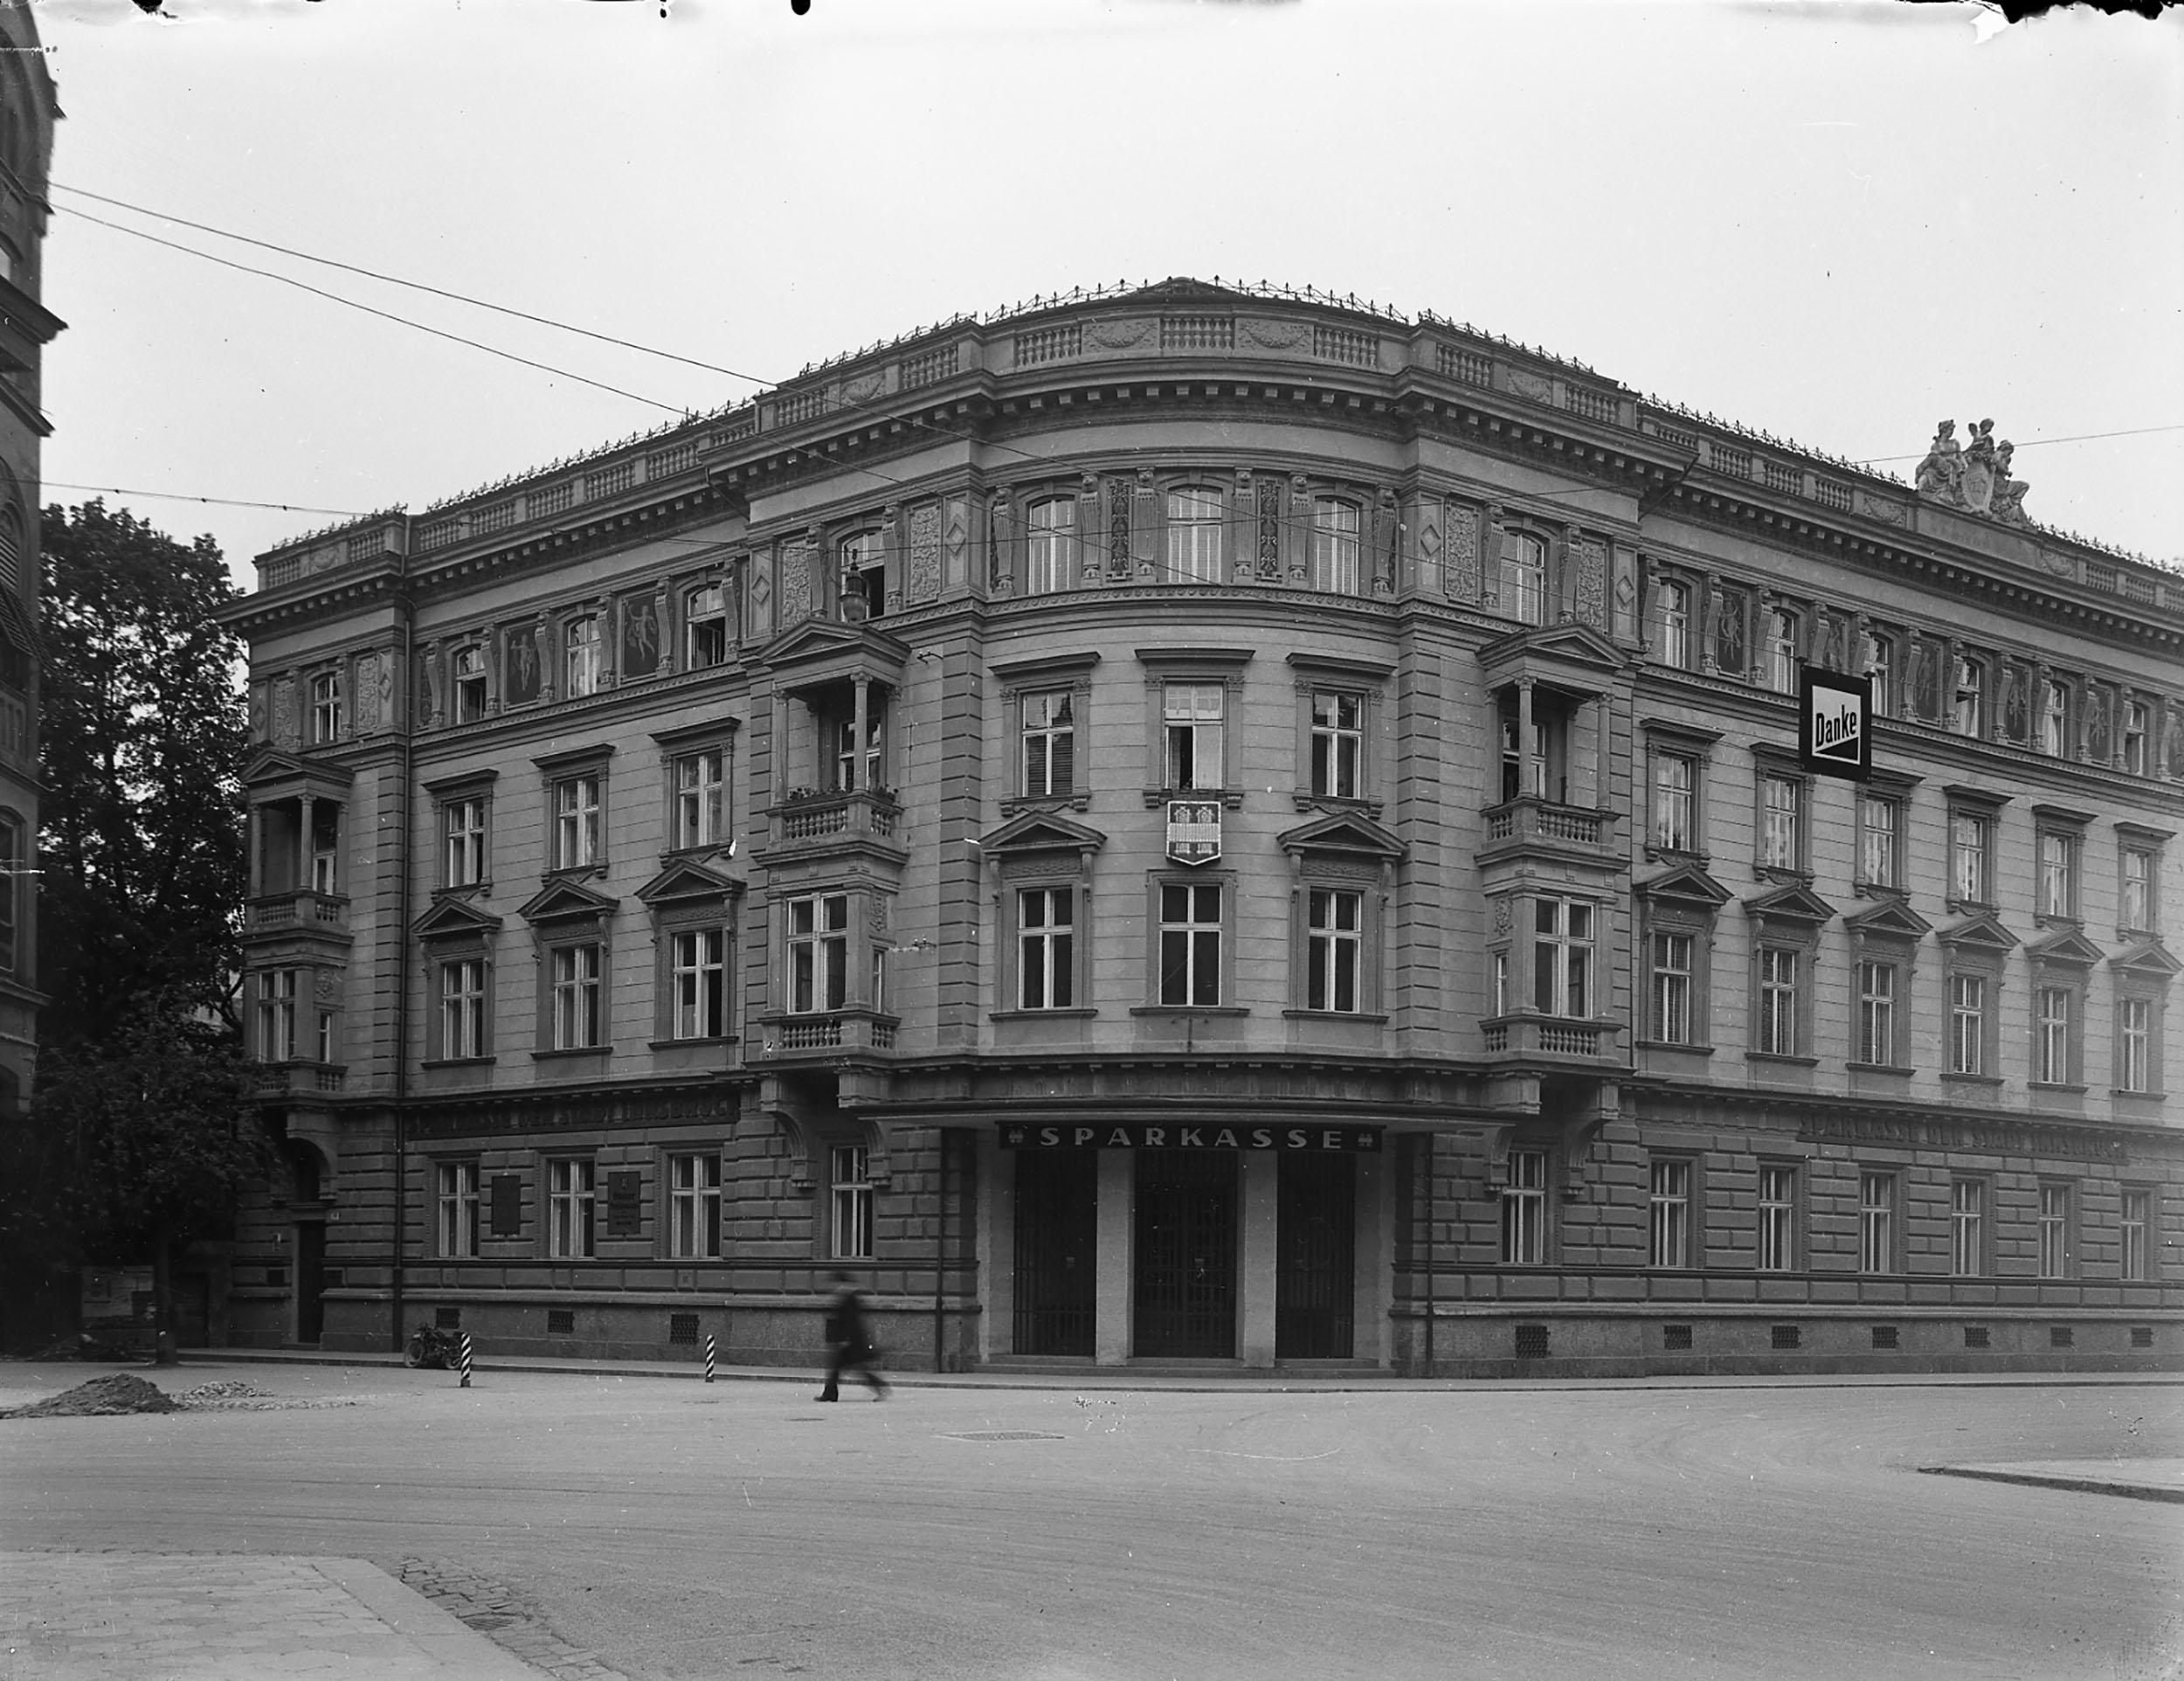 Das Palais Der Sparkasse